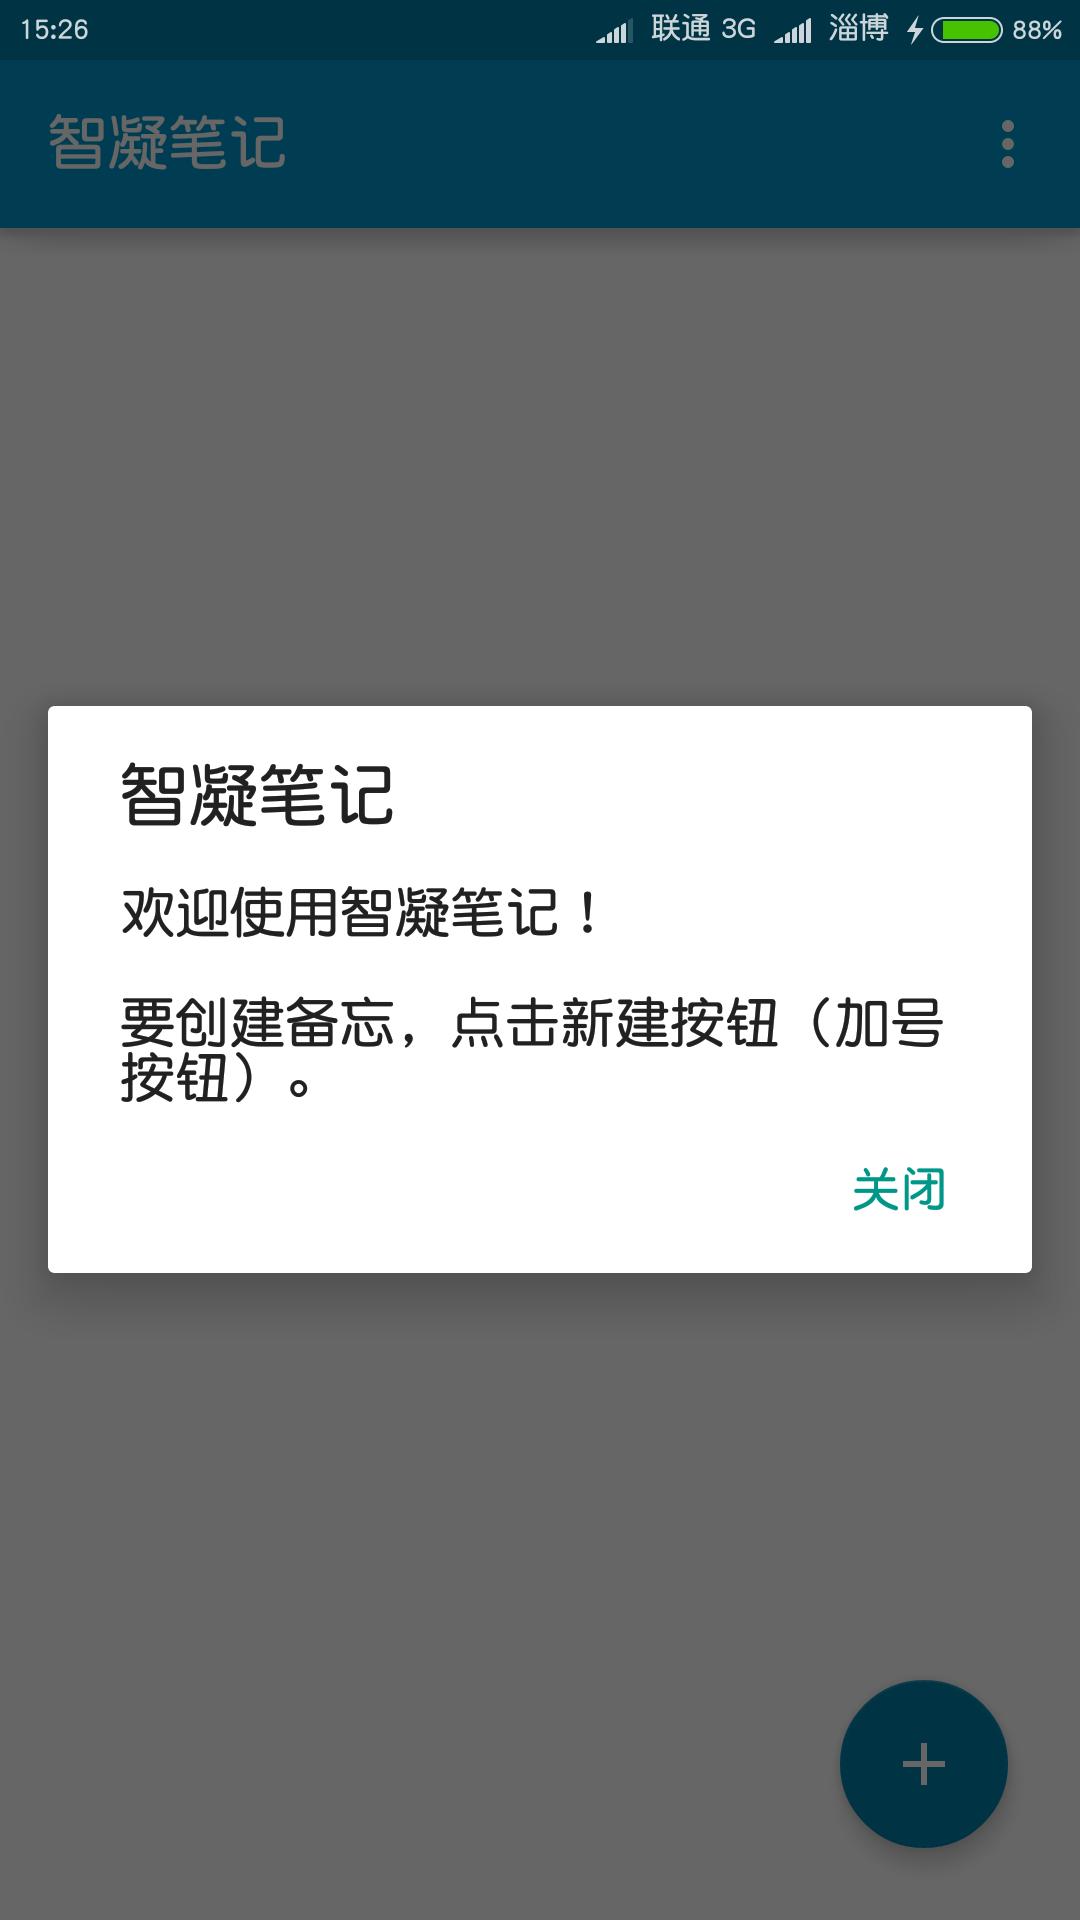 智凝笔记 V3.0 安卓版截图3